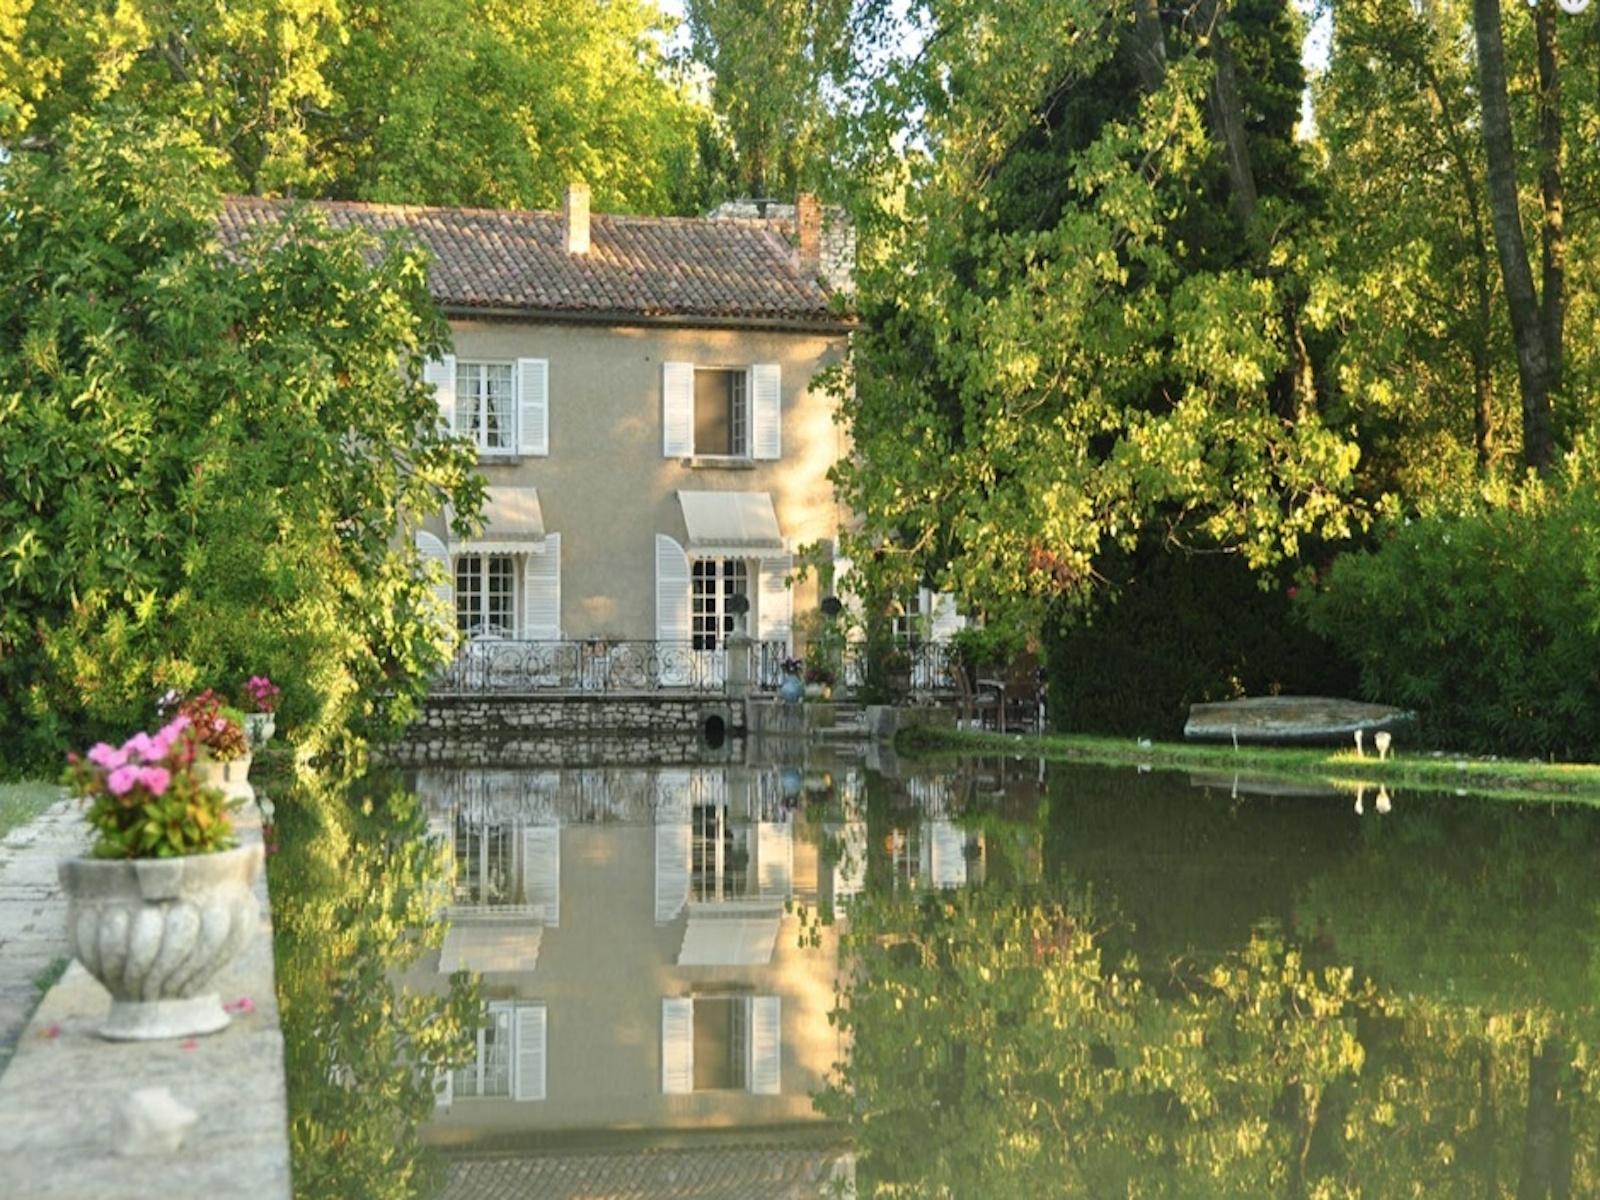 Casa Unifamiliar por un Venta en UZES LUXUEUSE PROPRIÉTÉ DANS UN CADRE ENCHANTEUR Uzes, Languedoc-Rosellón 30700 Francia